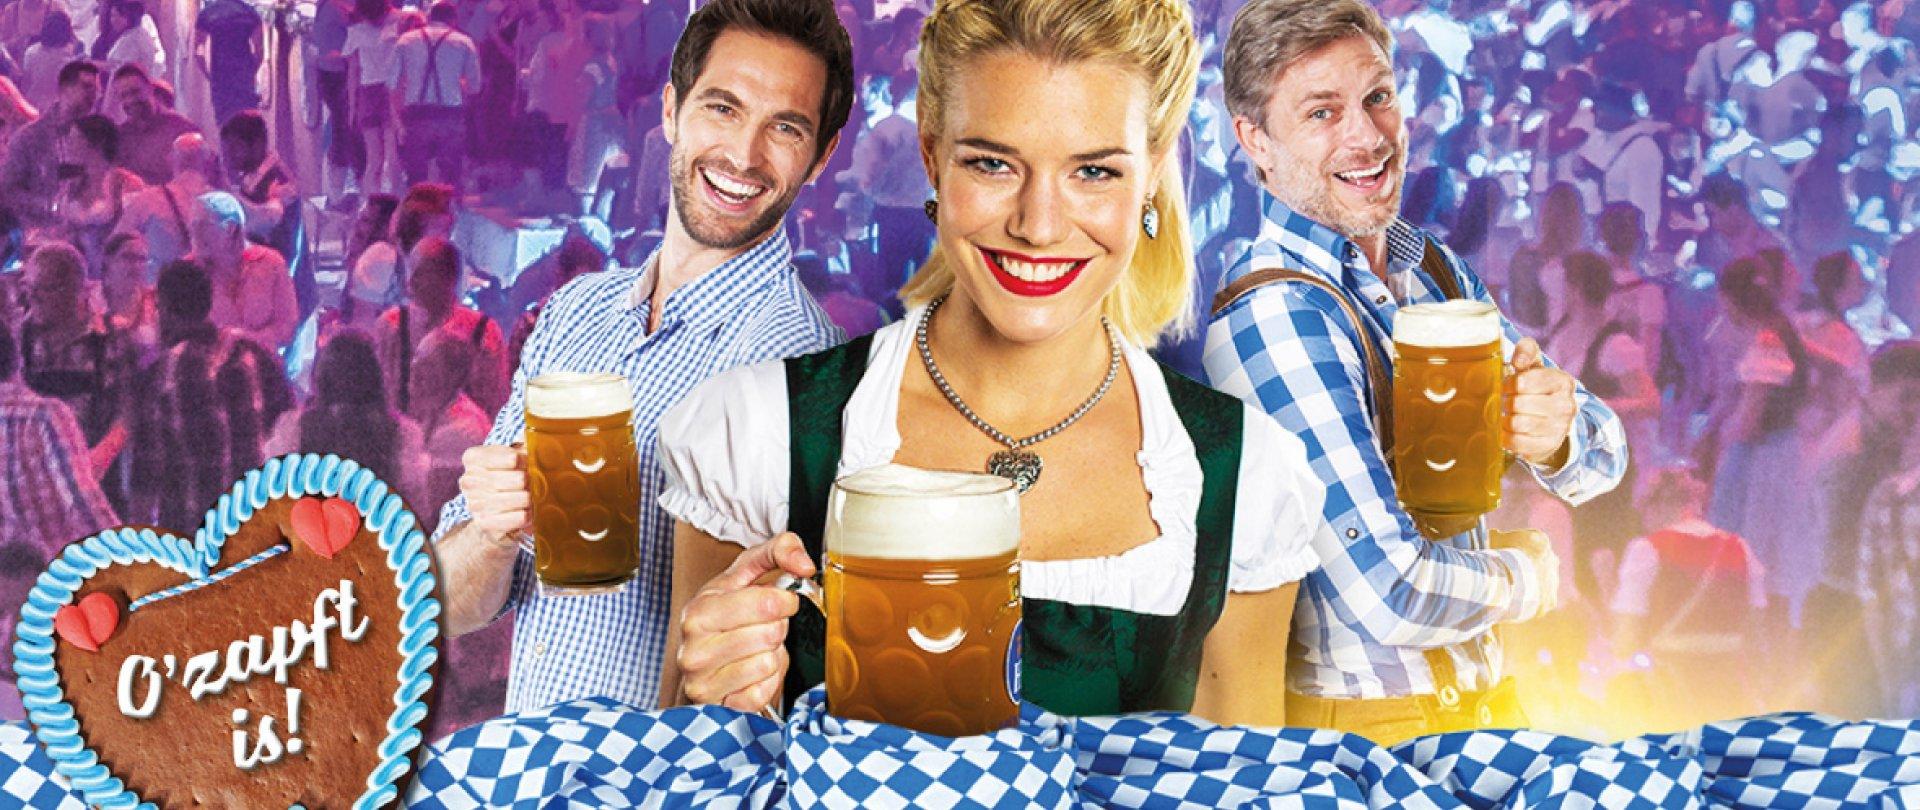 Oktoberfest po raz II w Jakubusie 26.10